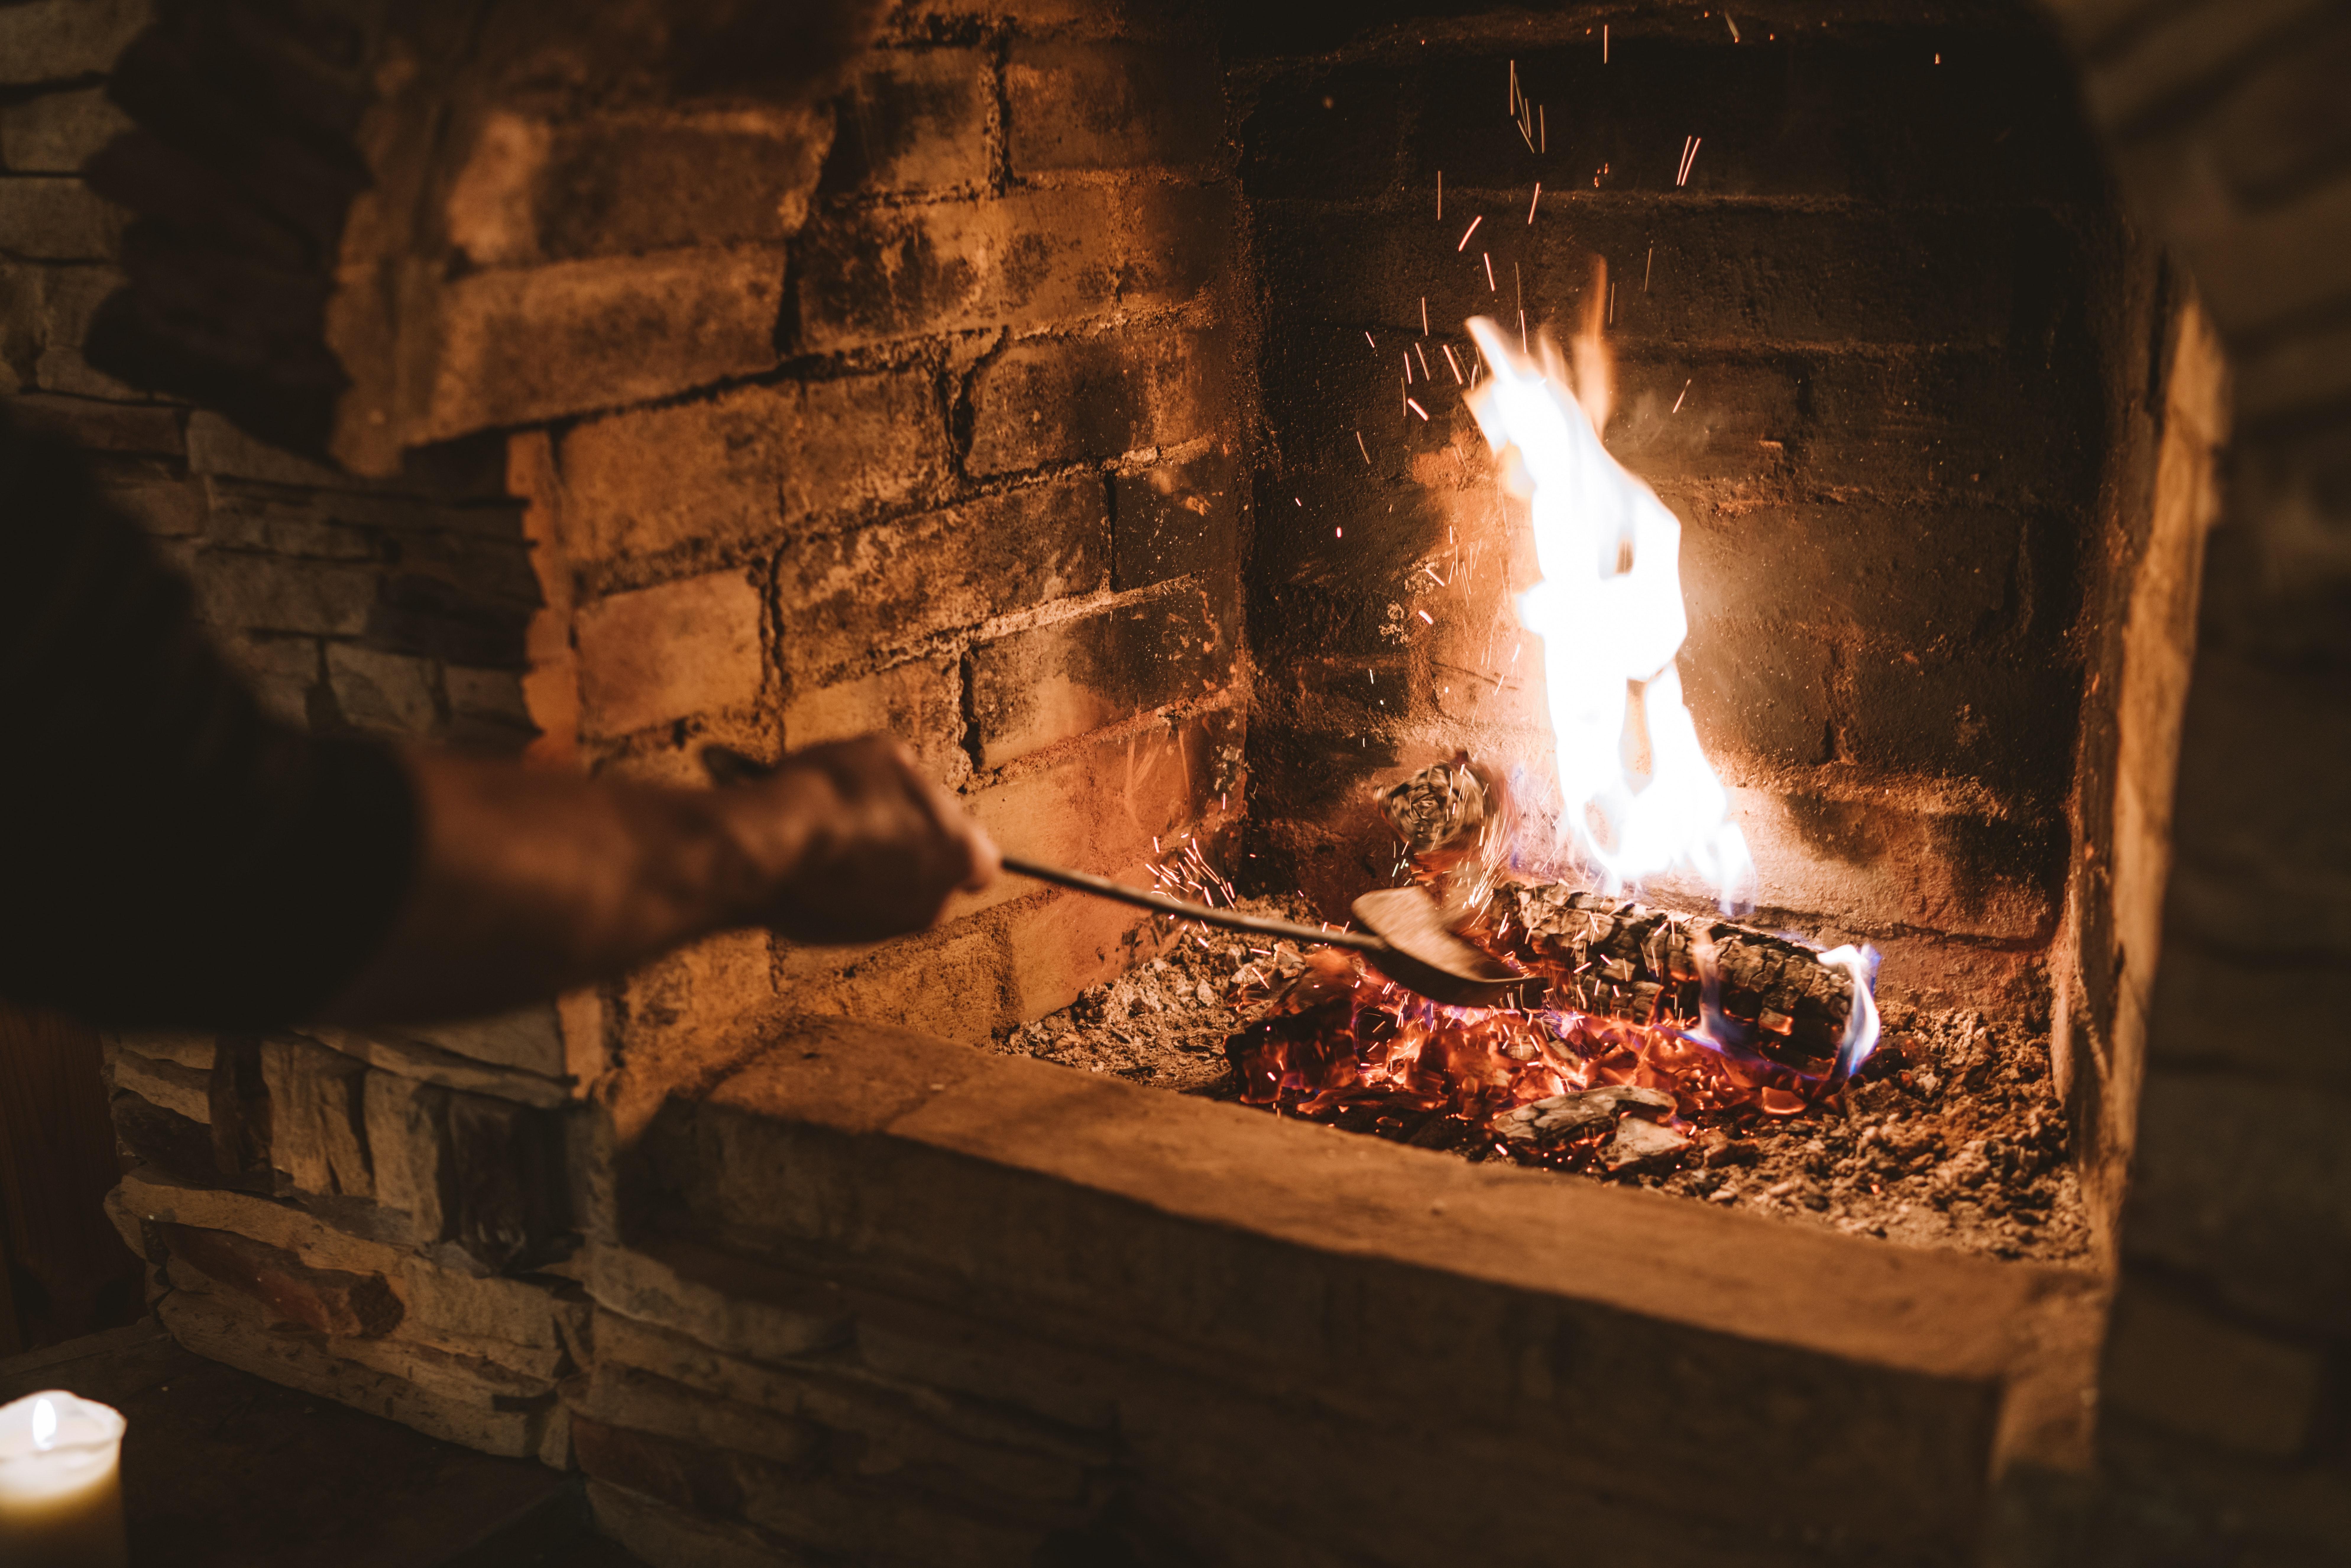 什么样的材质更适合DIY壁炉时作为炉膛?大理石or花岗岩?